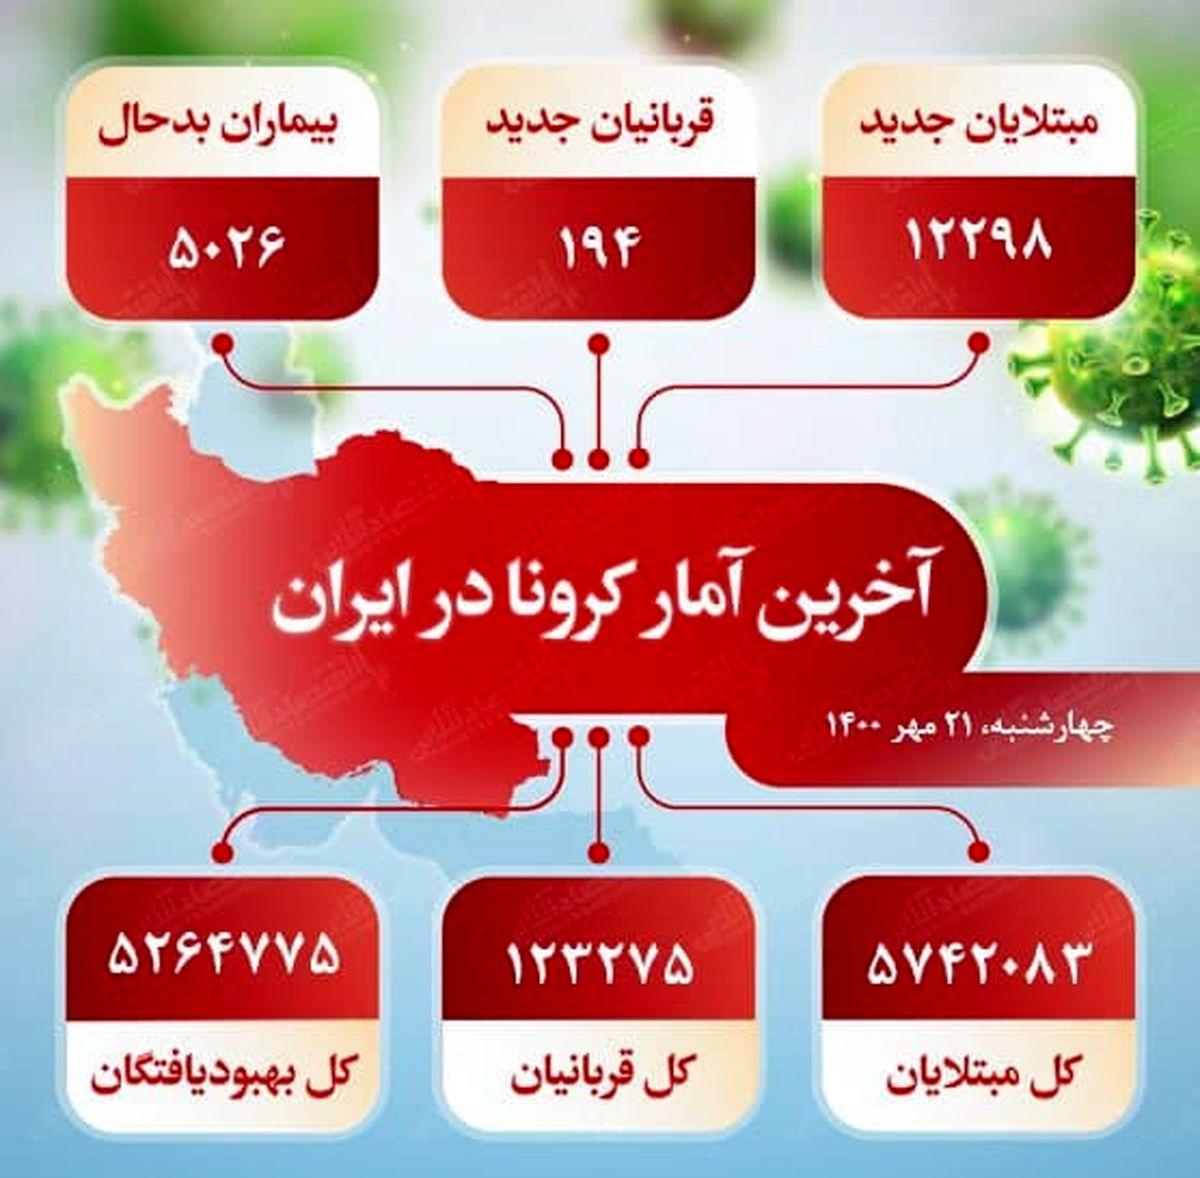 آخرین آمار کرونا در ایران (۱۴۰۰/۷/۲۱)